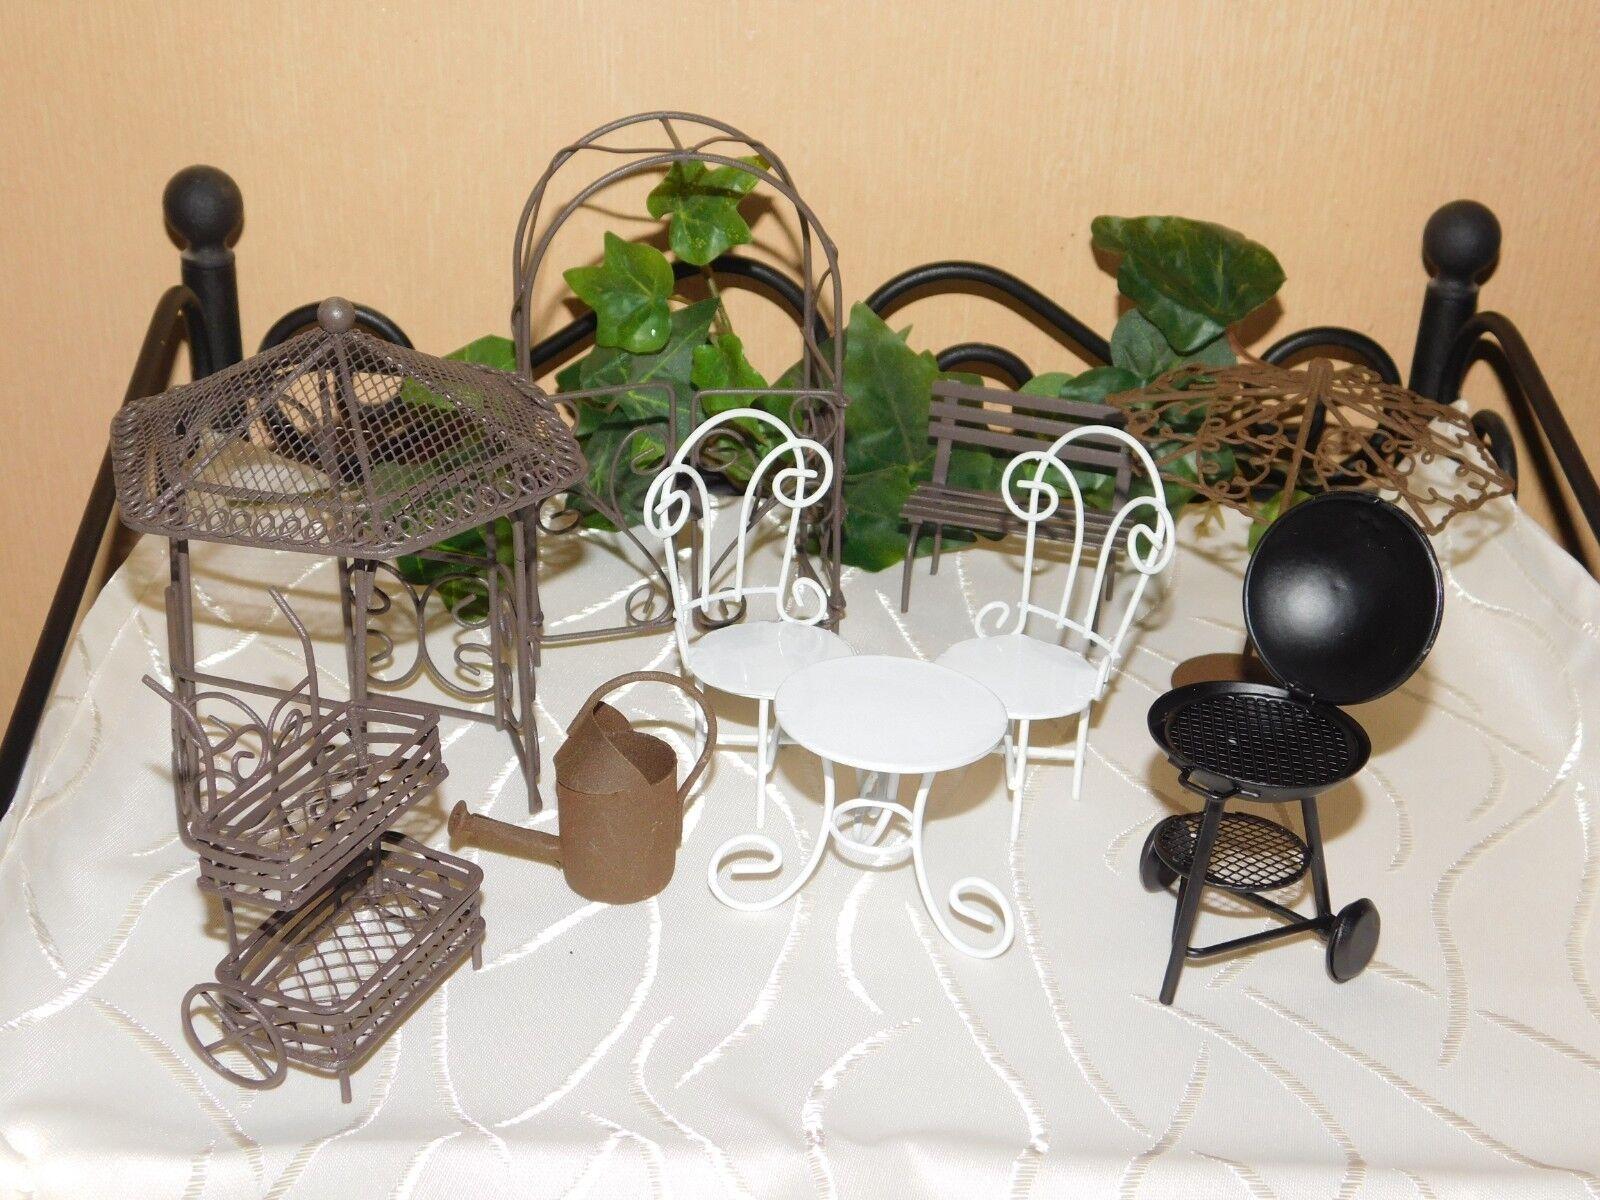 Miniatur Garten Möbel Test Vergleich Miniatur Garten Möbel